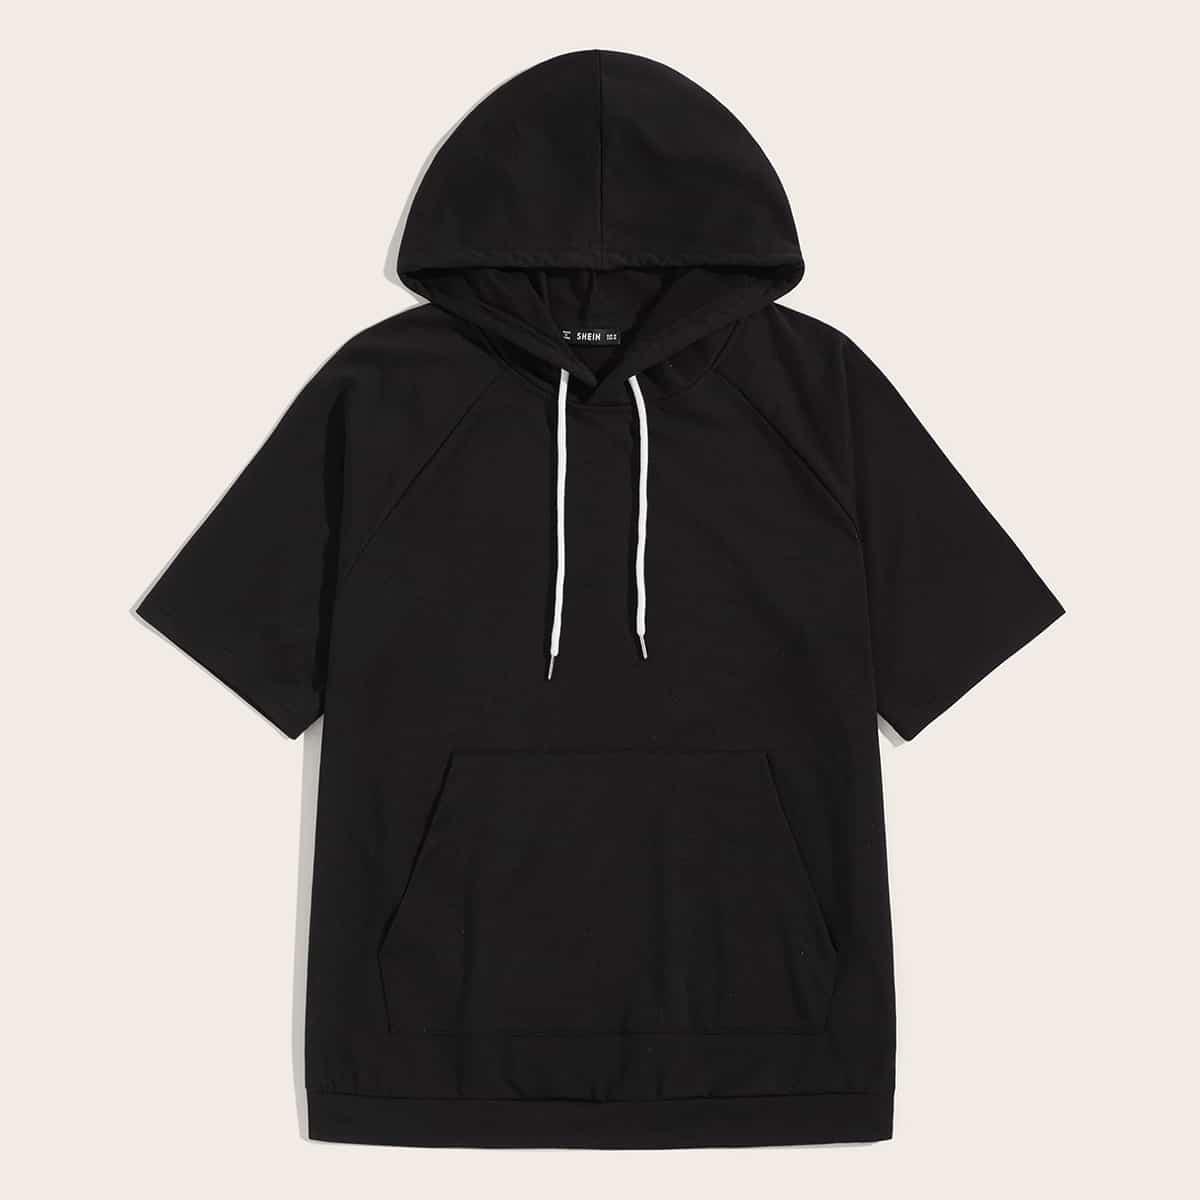 Zwart Casual Vlak Shirts mannen Zak